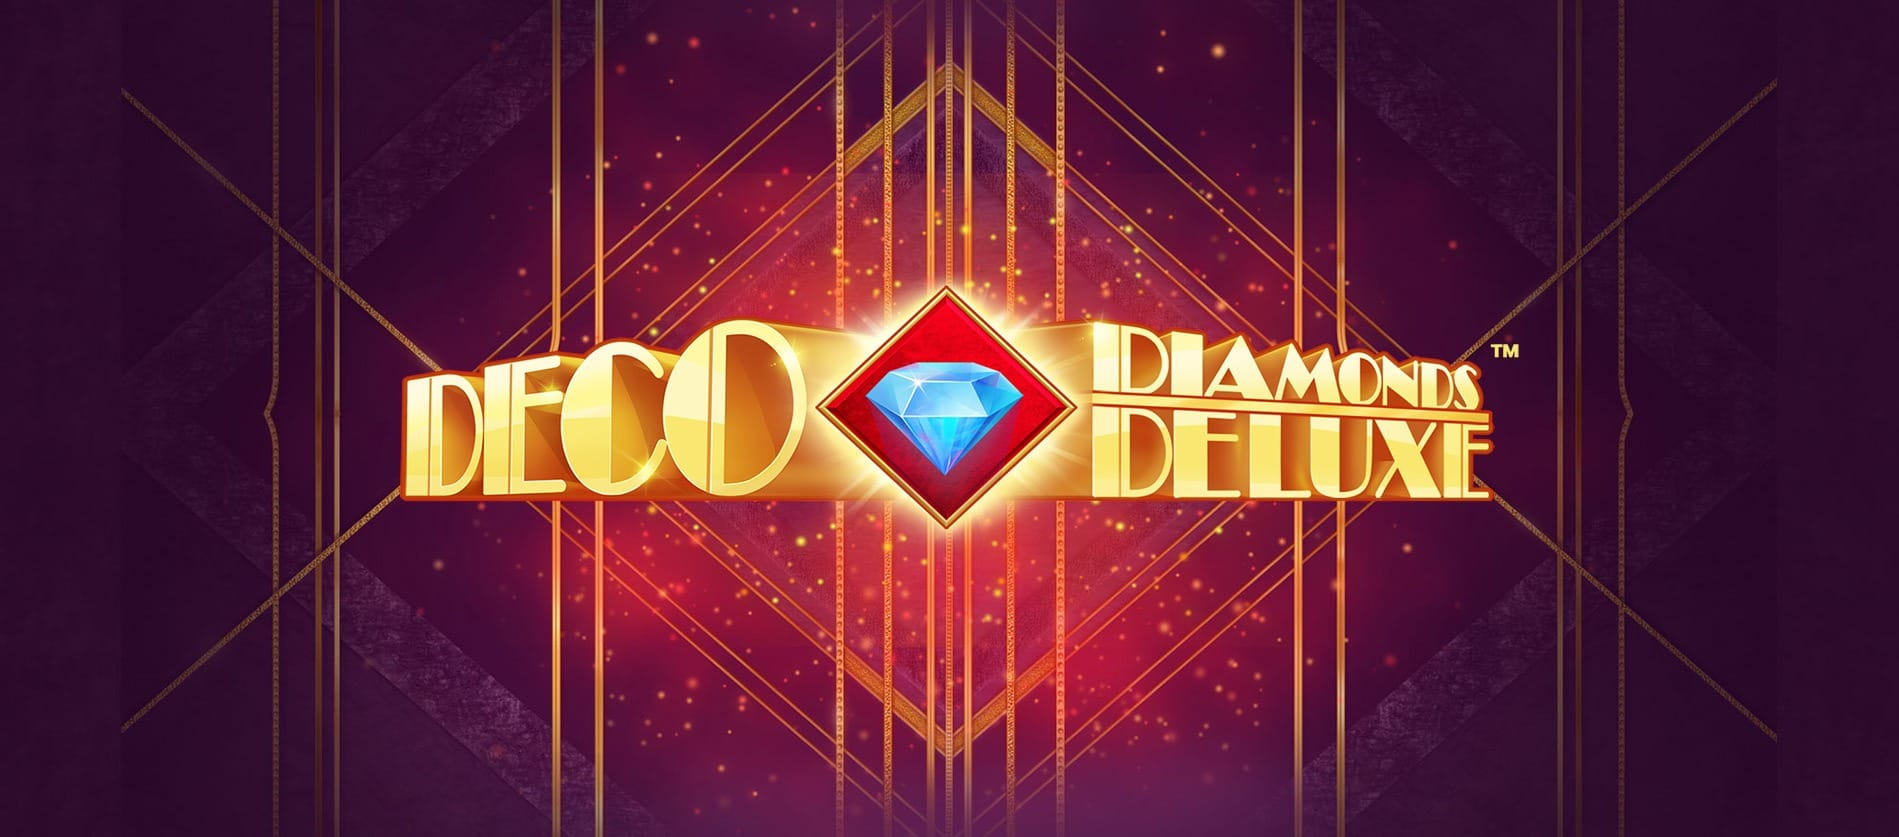 Deco Diamonds Deluxe Review